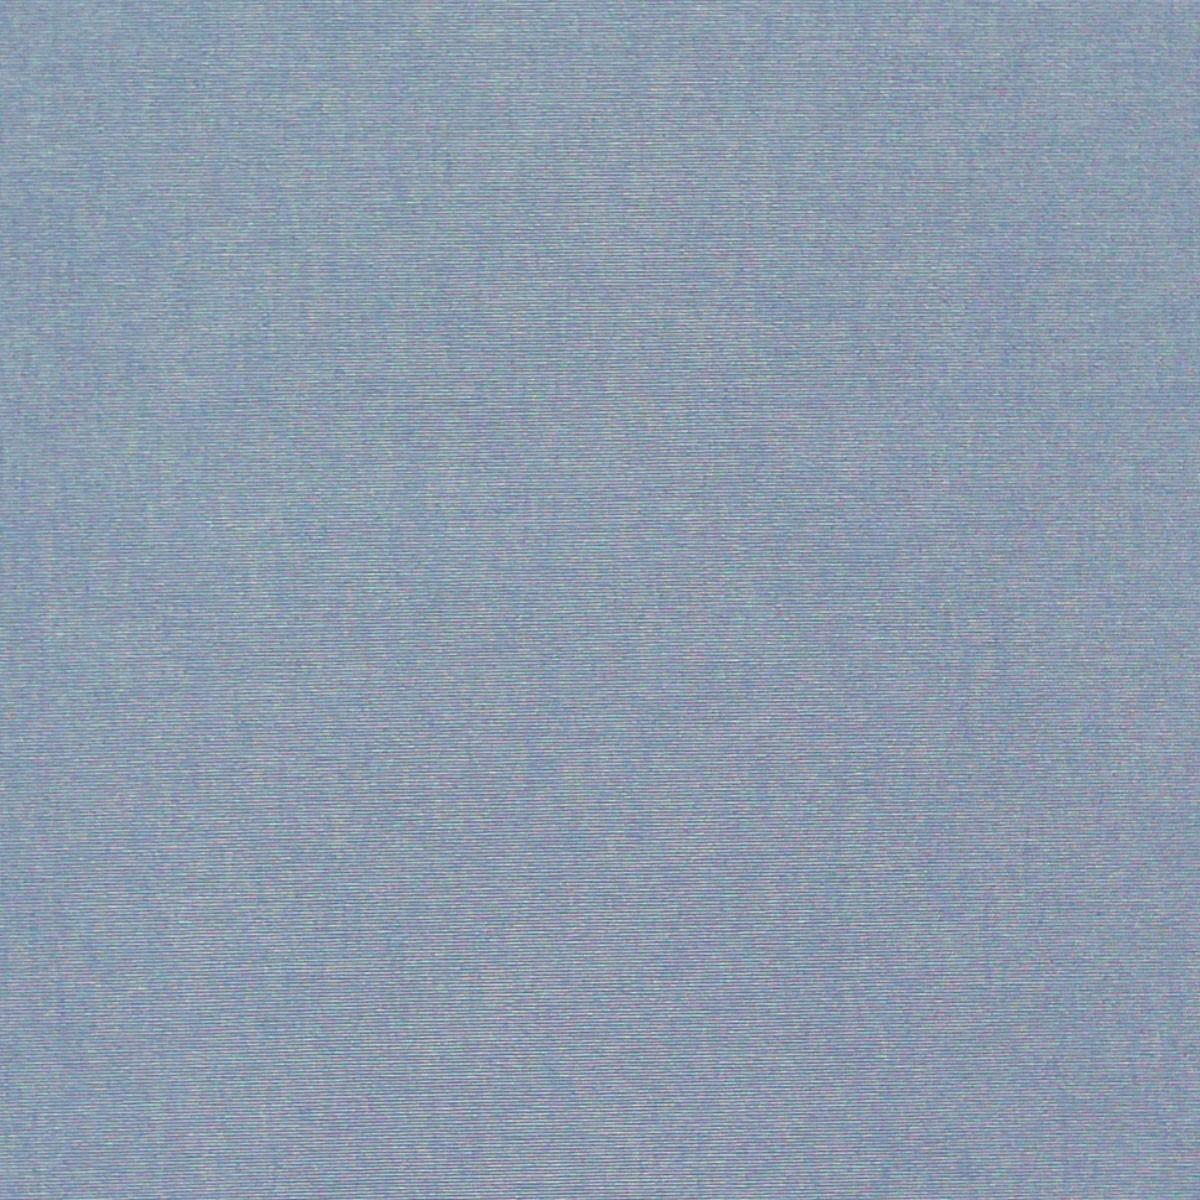 Outdoorstoff markisenstoff gartenm belstoff toldo uni blau Markisenstoff uni blau